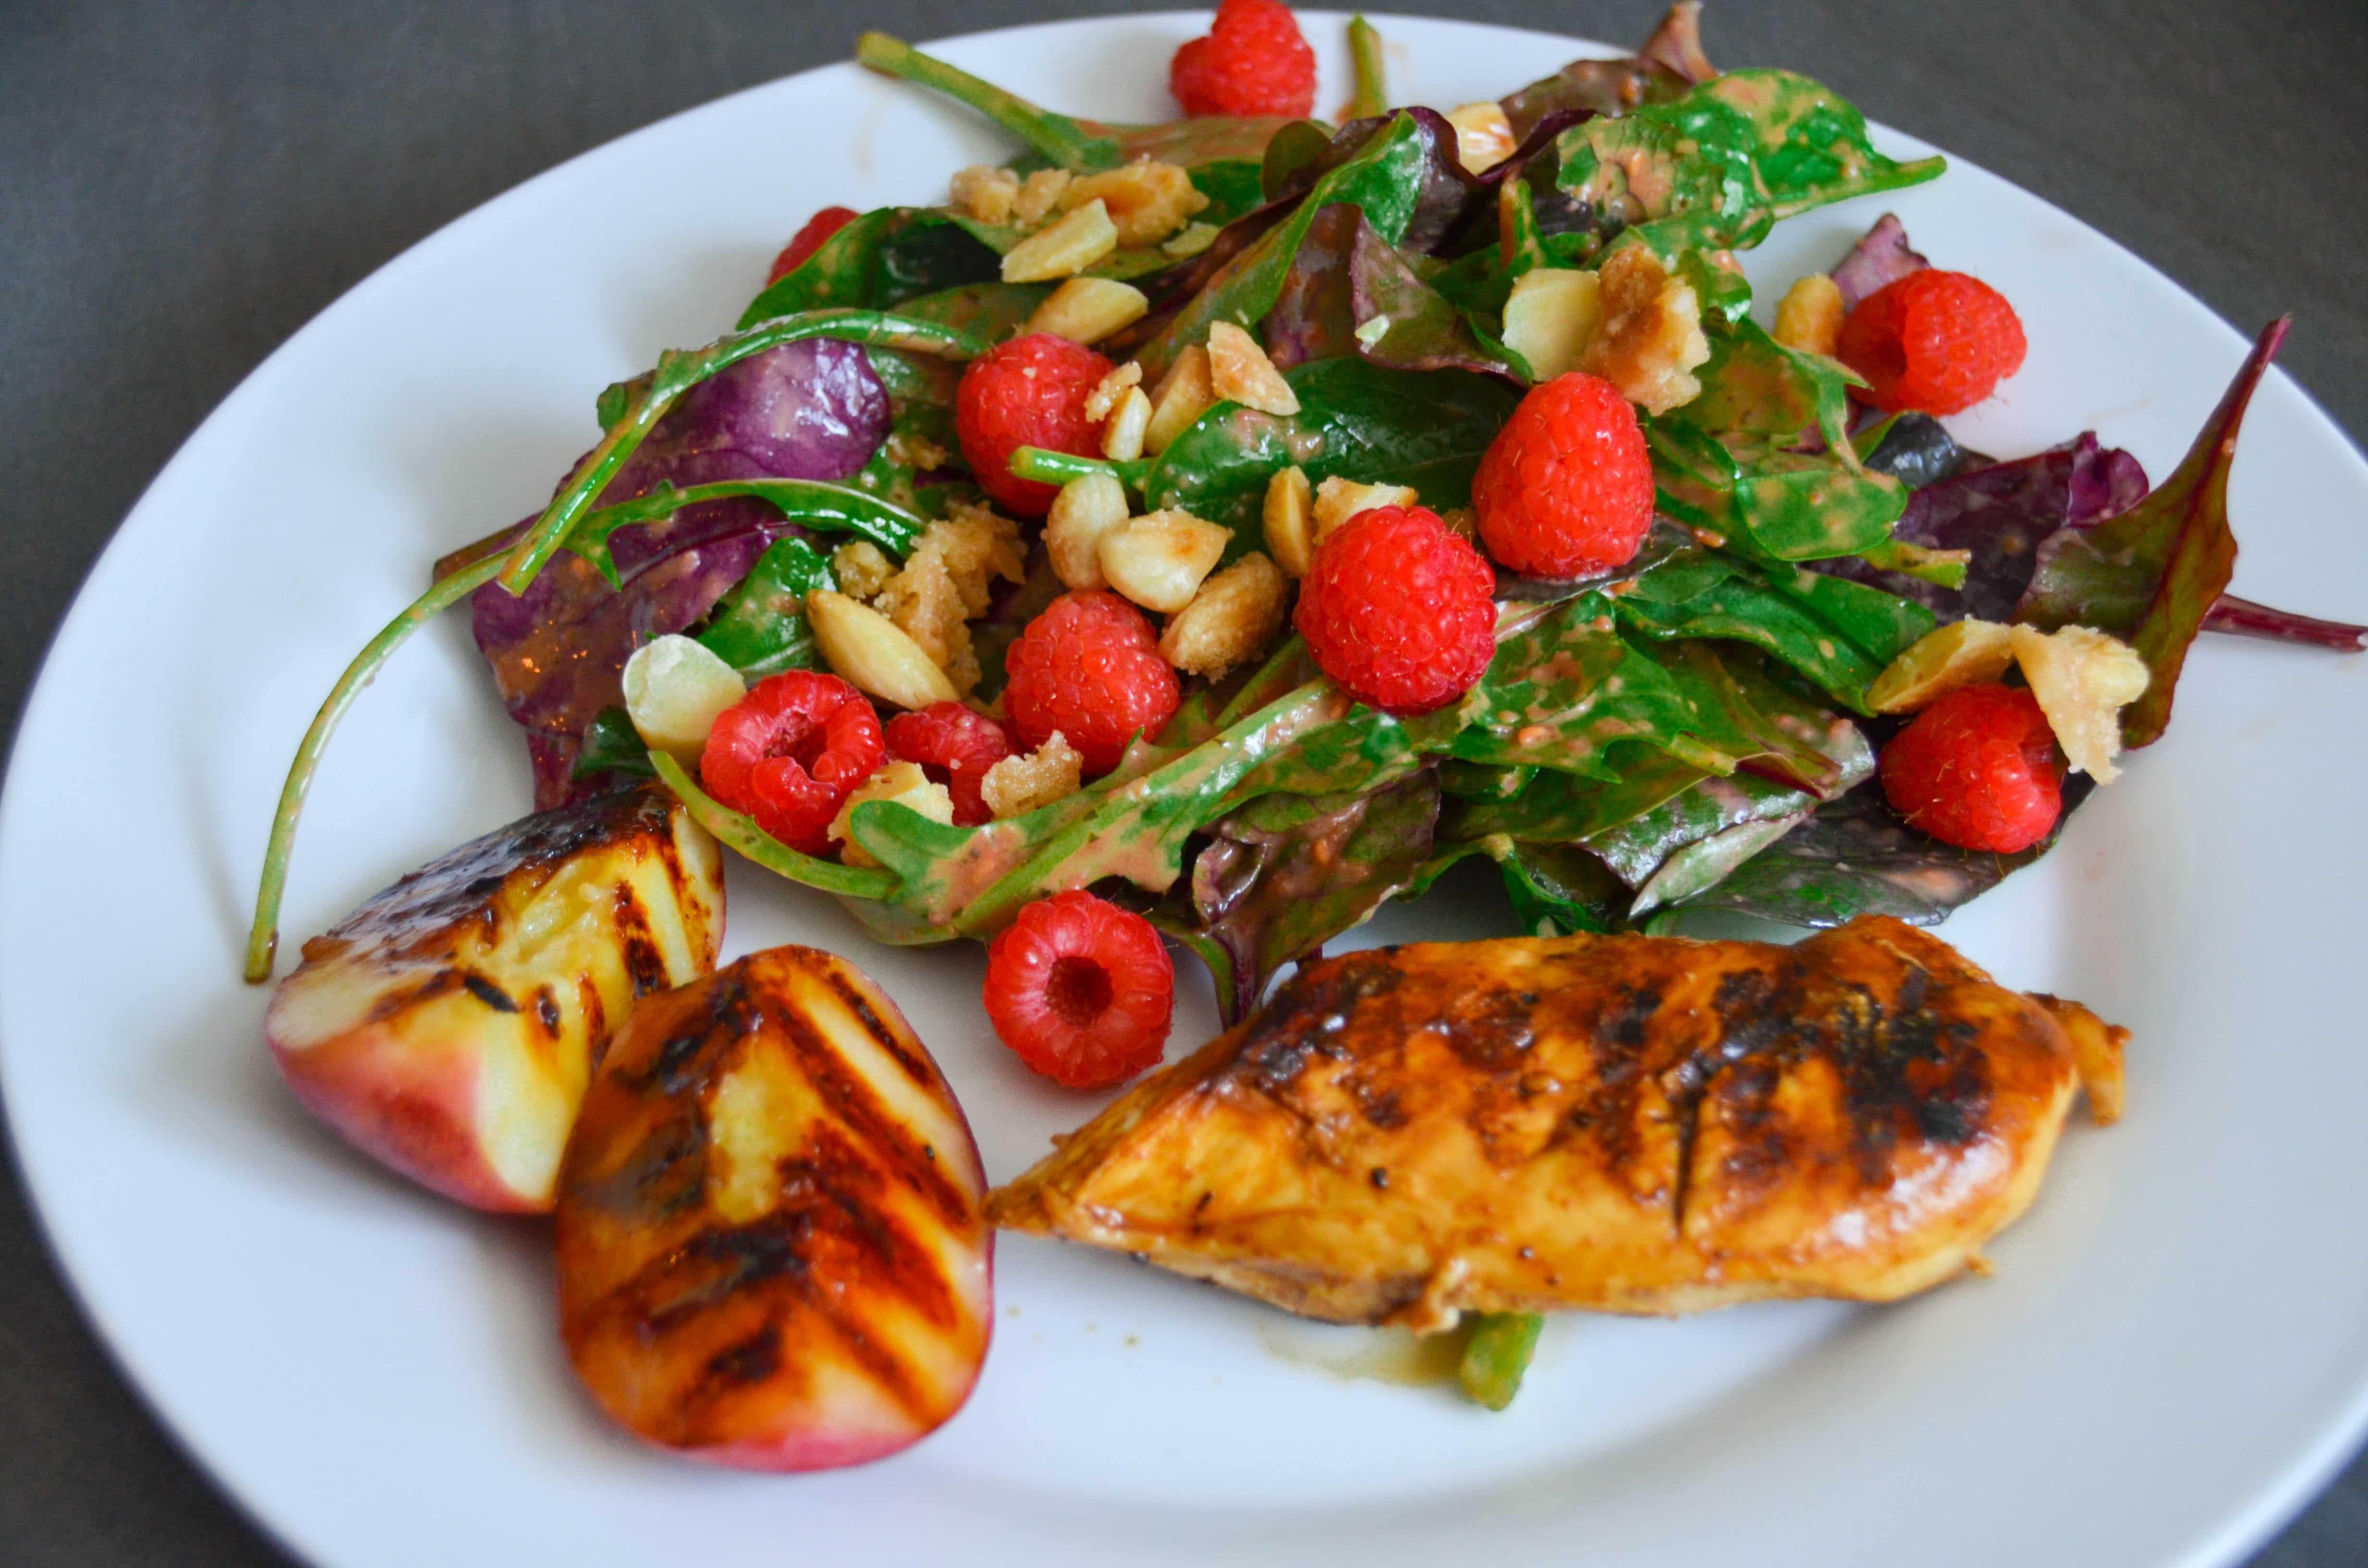 Sommerküche Hähnchen : Leichte küche im sommer sommer salat mit himbeeren hähnchen und